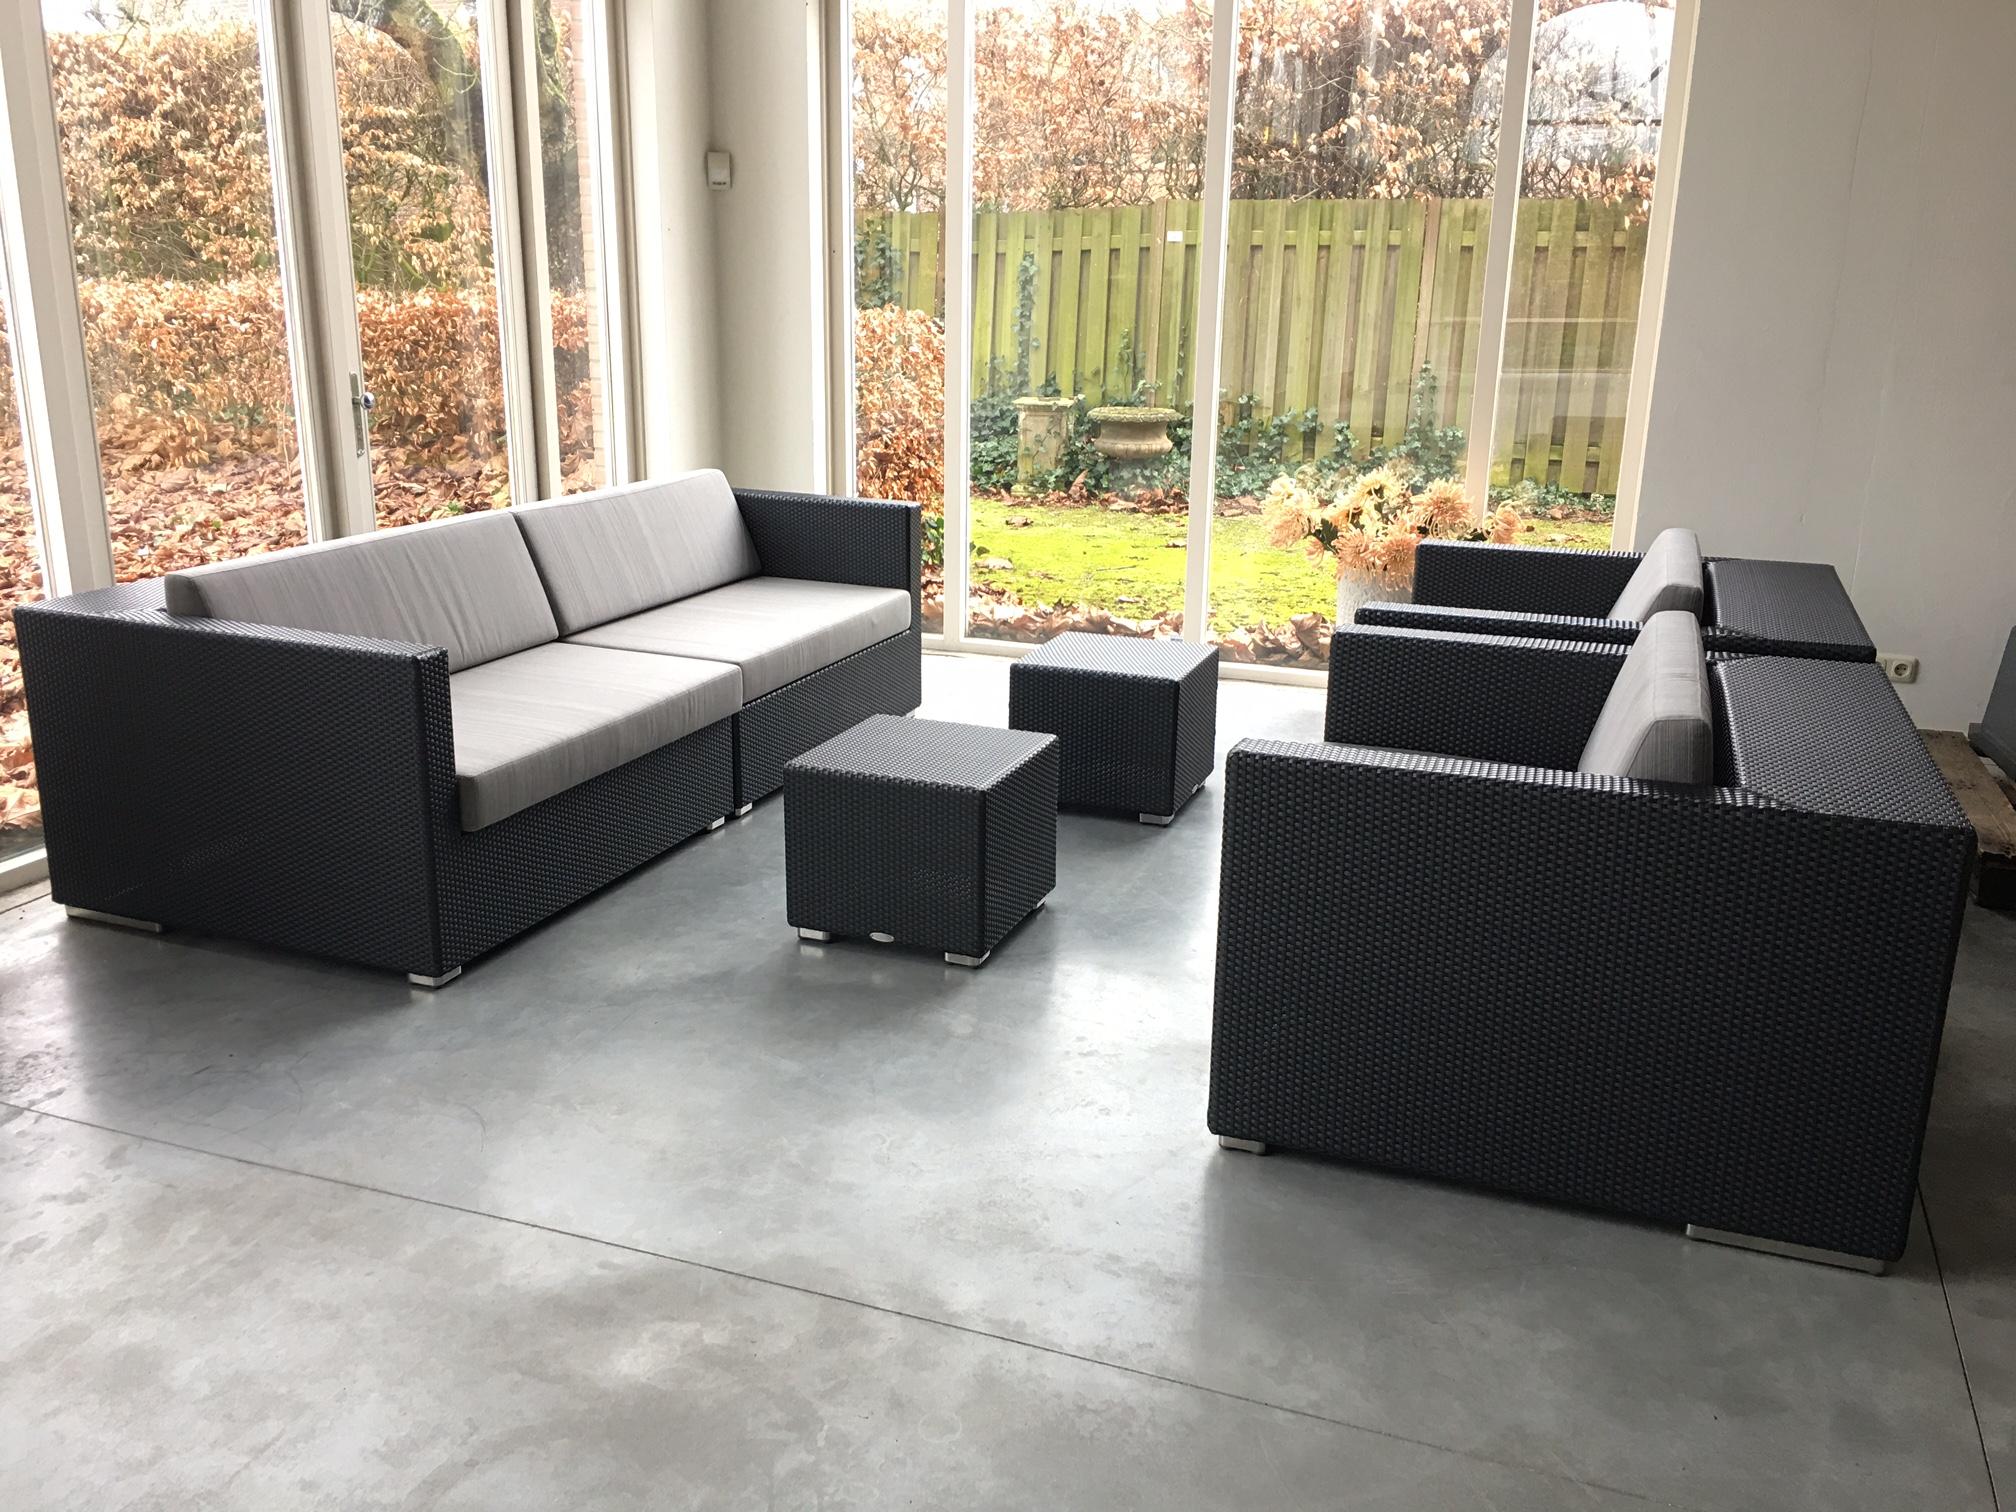 Lounge vlechtwerk antraciet ✓ van valderen exclusieve